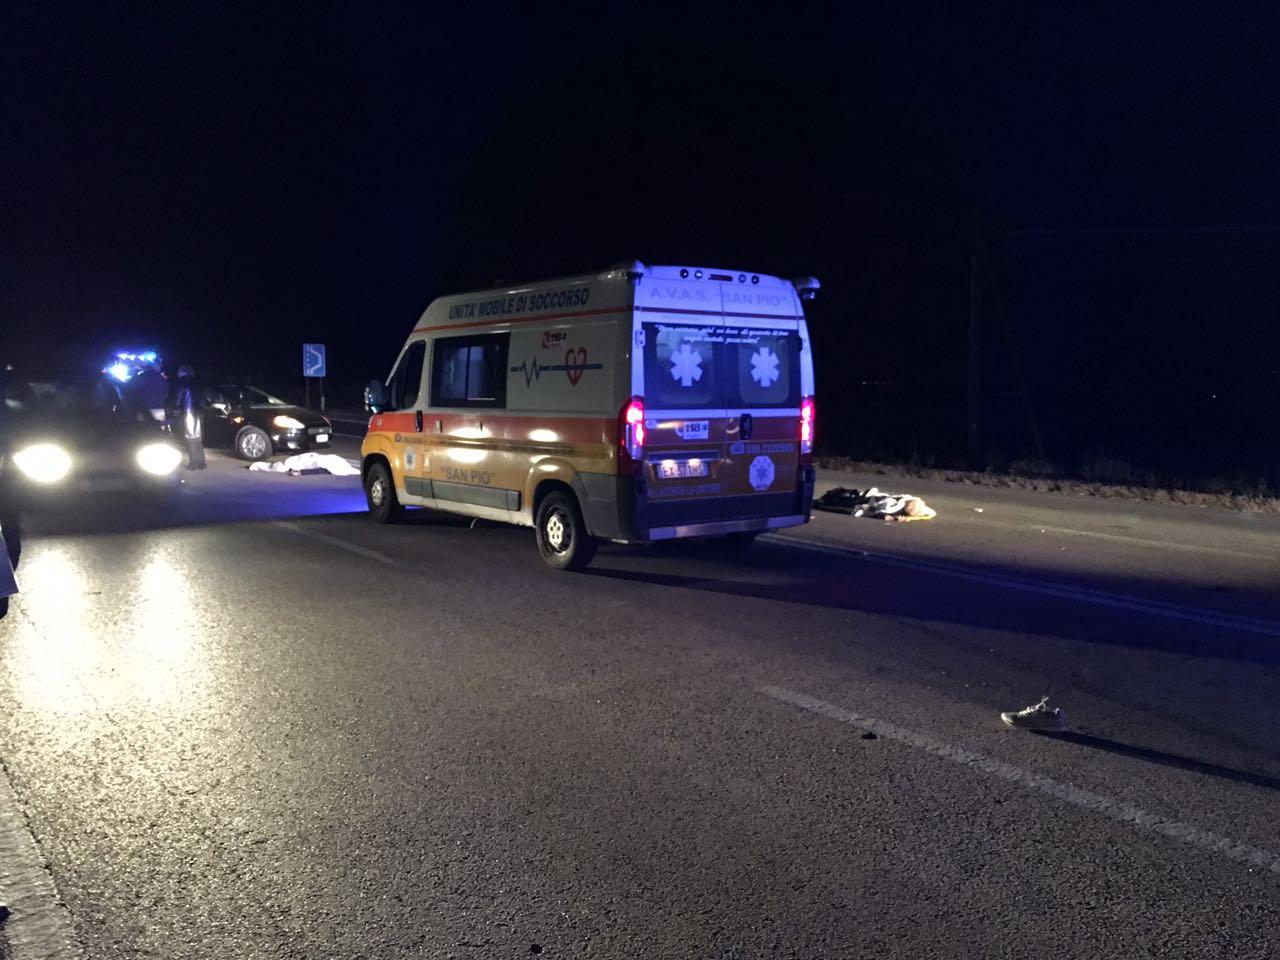 Incidente mortale a Manfredonia: coniugi travolti e uccisi all'uscita dell'abbazia San Leonardo